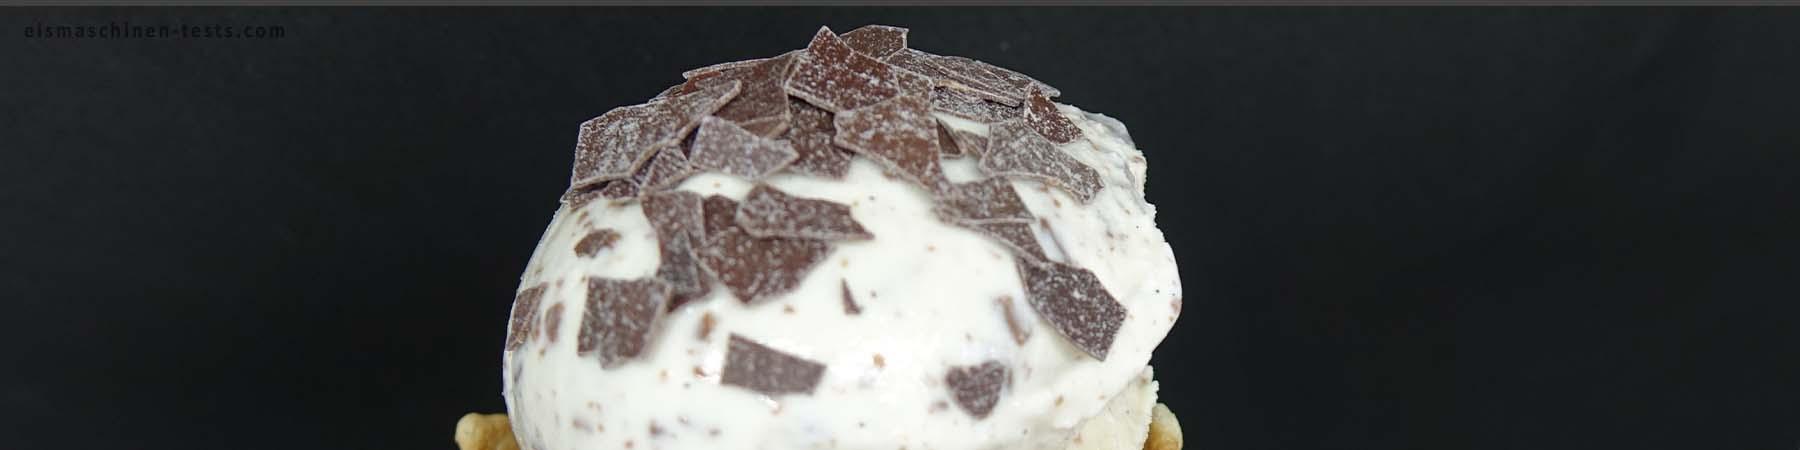 Stracciatella Eis selber machen - Eismaschinen Tests com - Slider